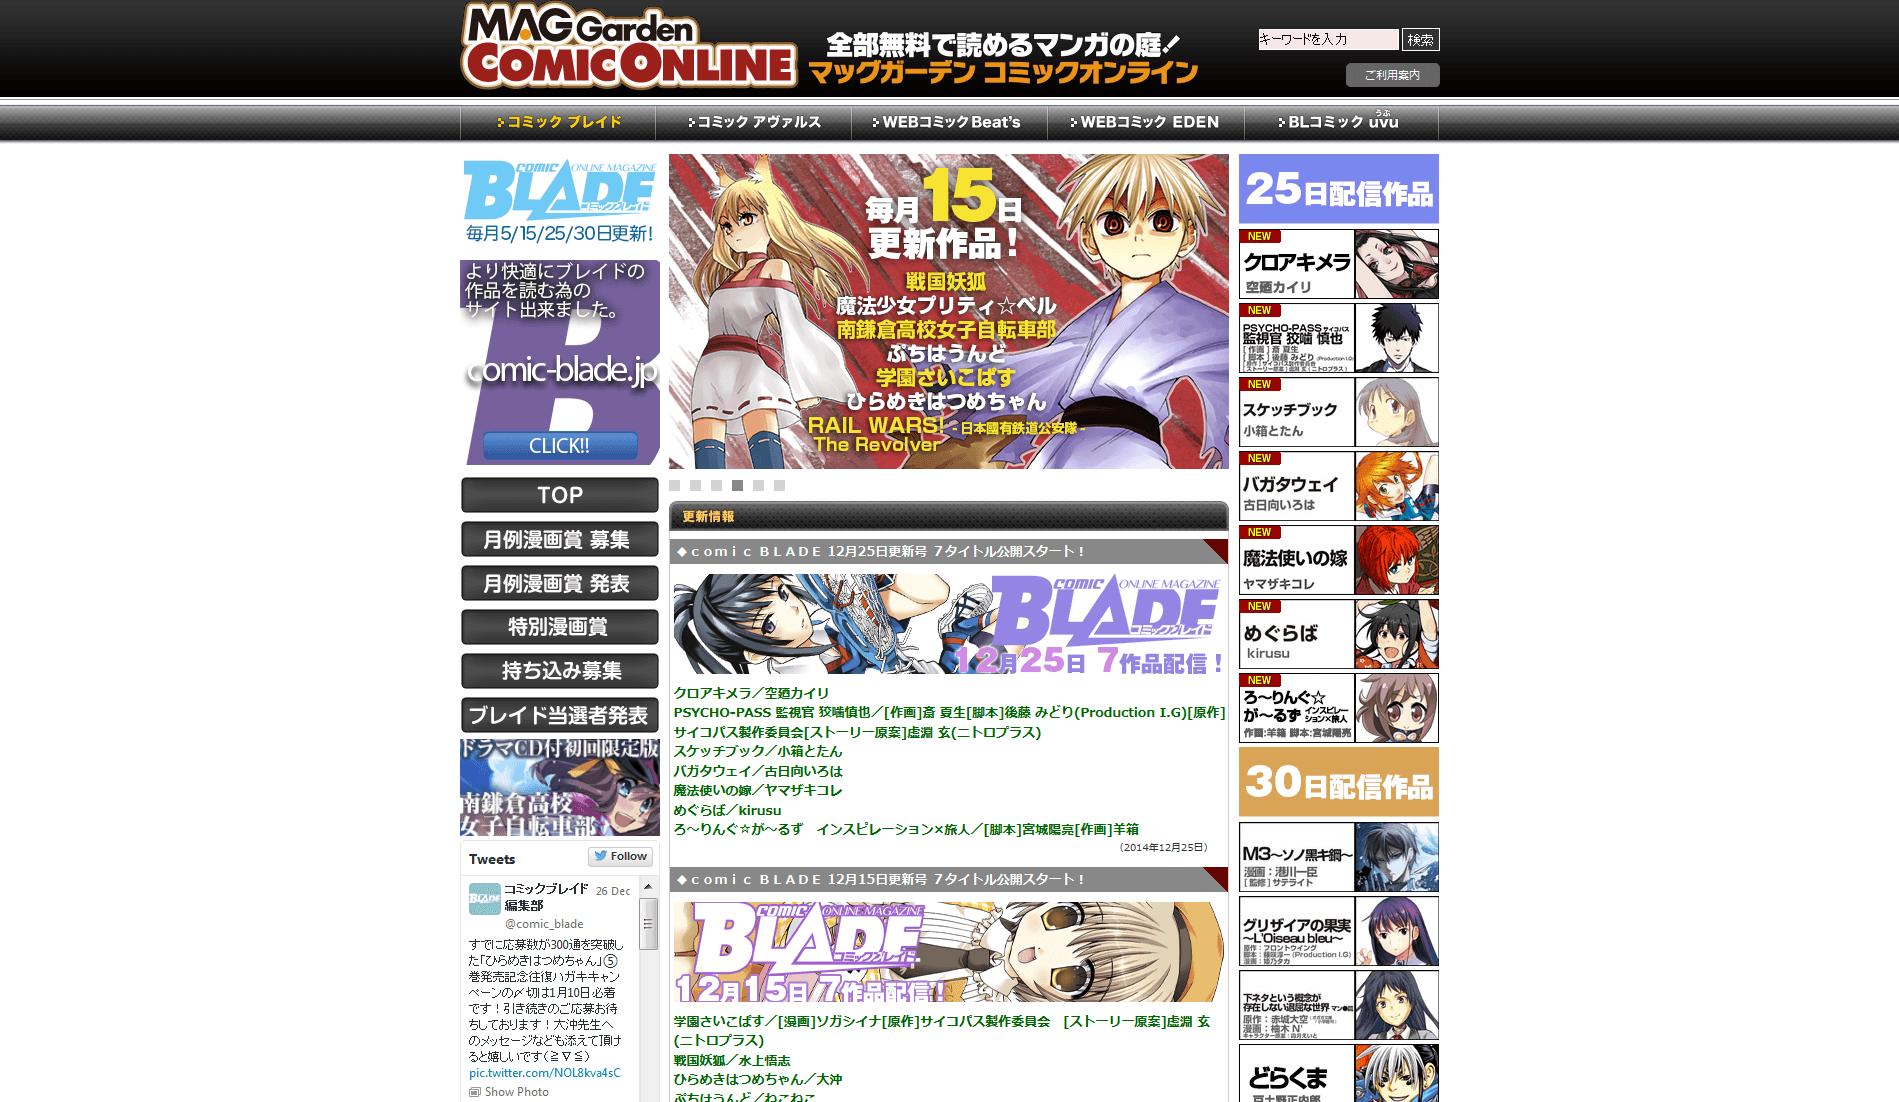 マッグガーデン・コミック・オンライン - 全部無料で読める! マンガの庭!(blade)